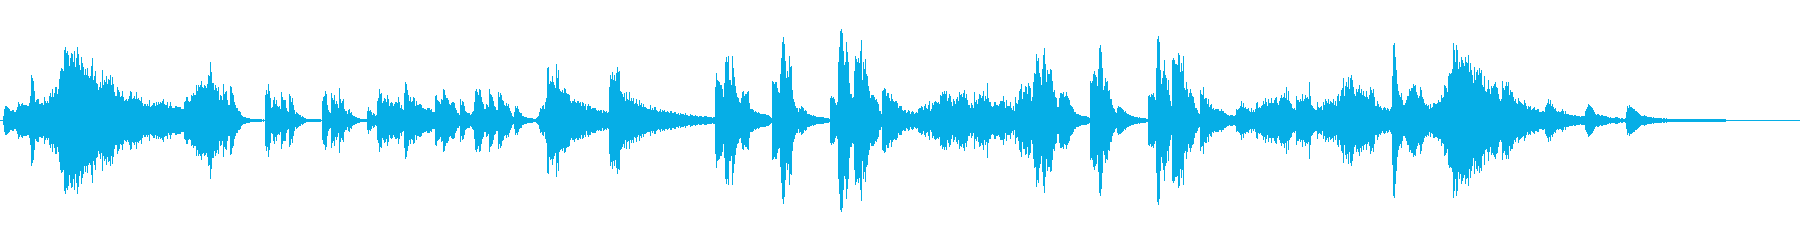 ダークなシンセとピアノのアンビエントな曲の再生済みの波形